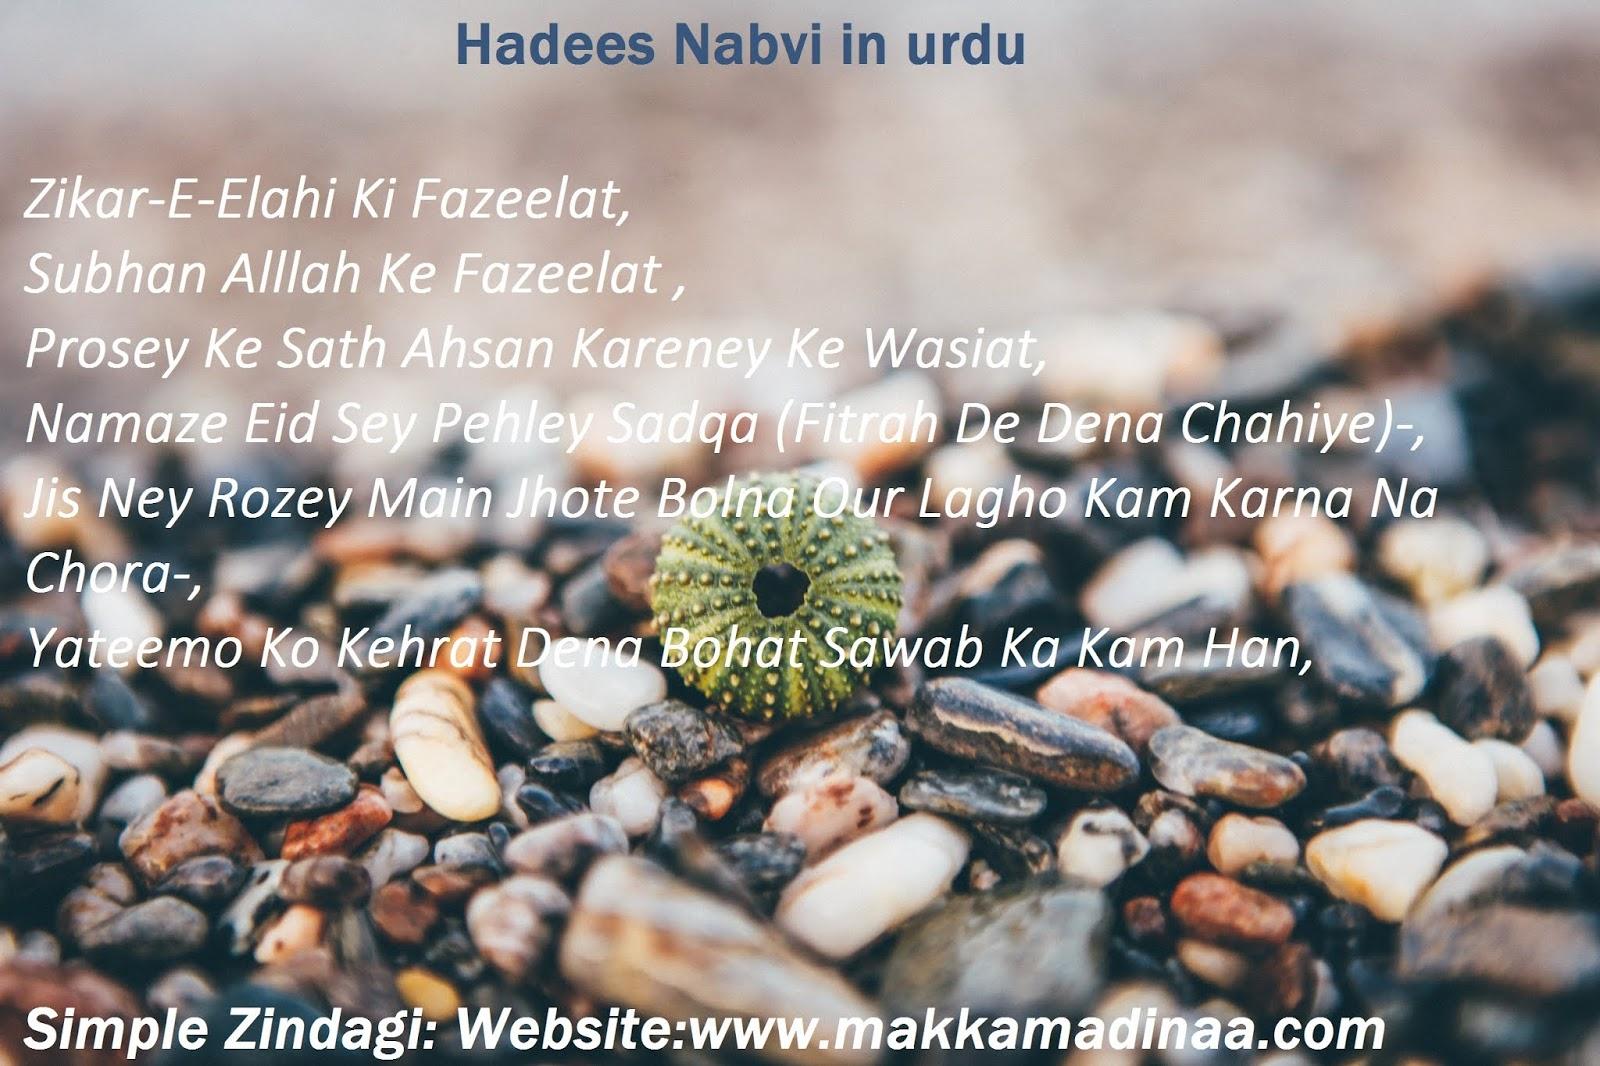 Hadees Nabvi in Urdu